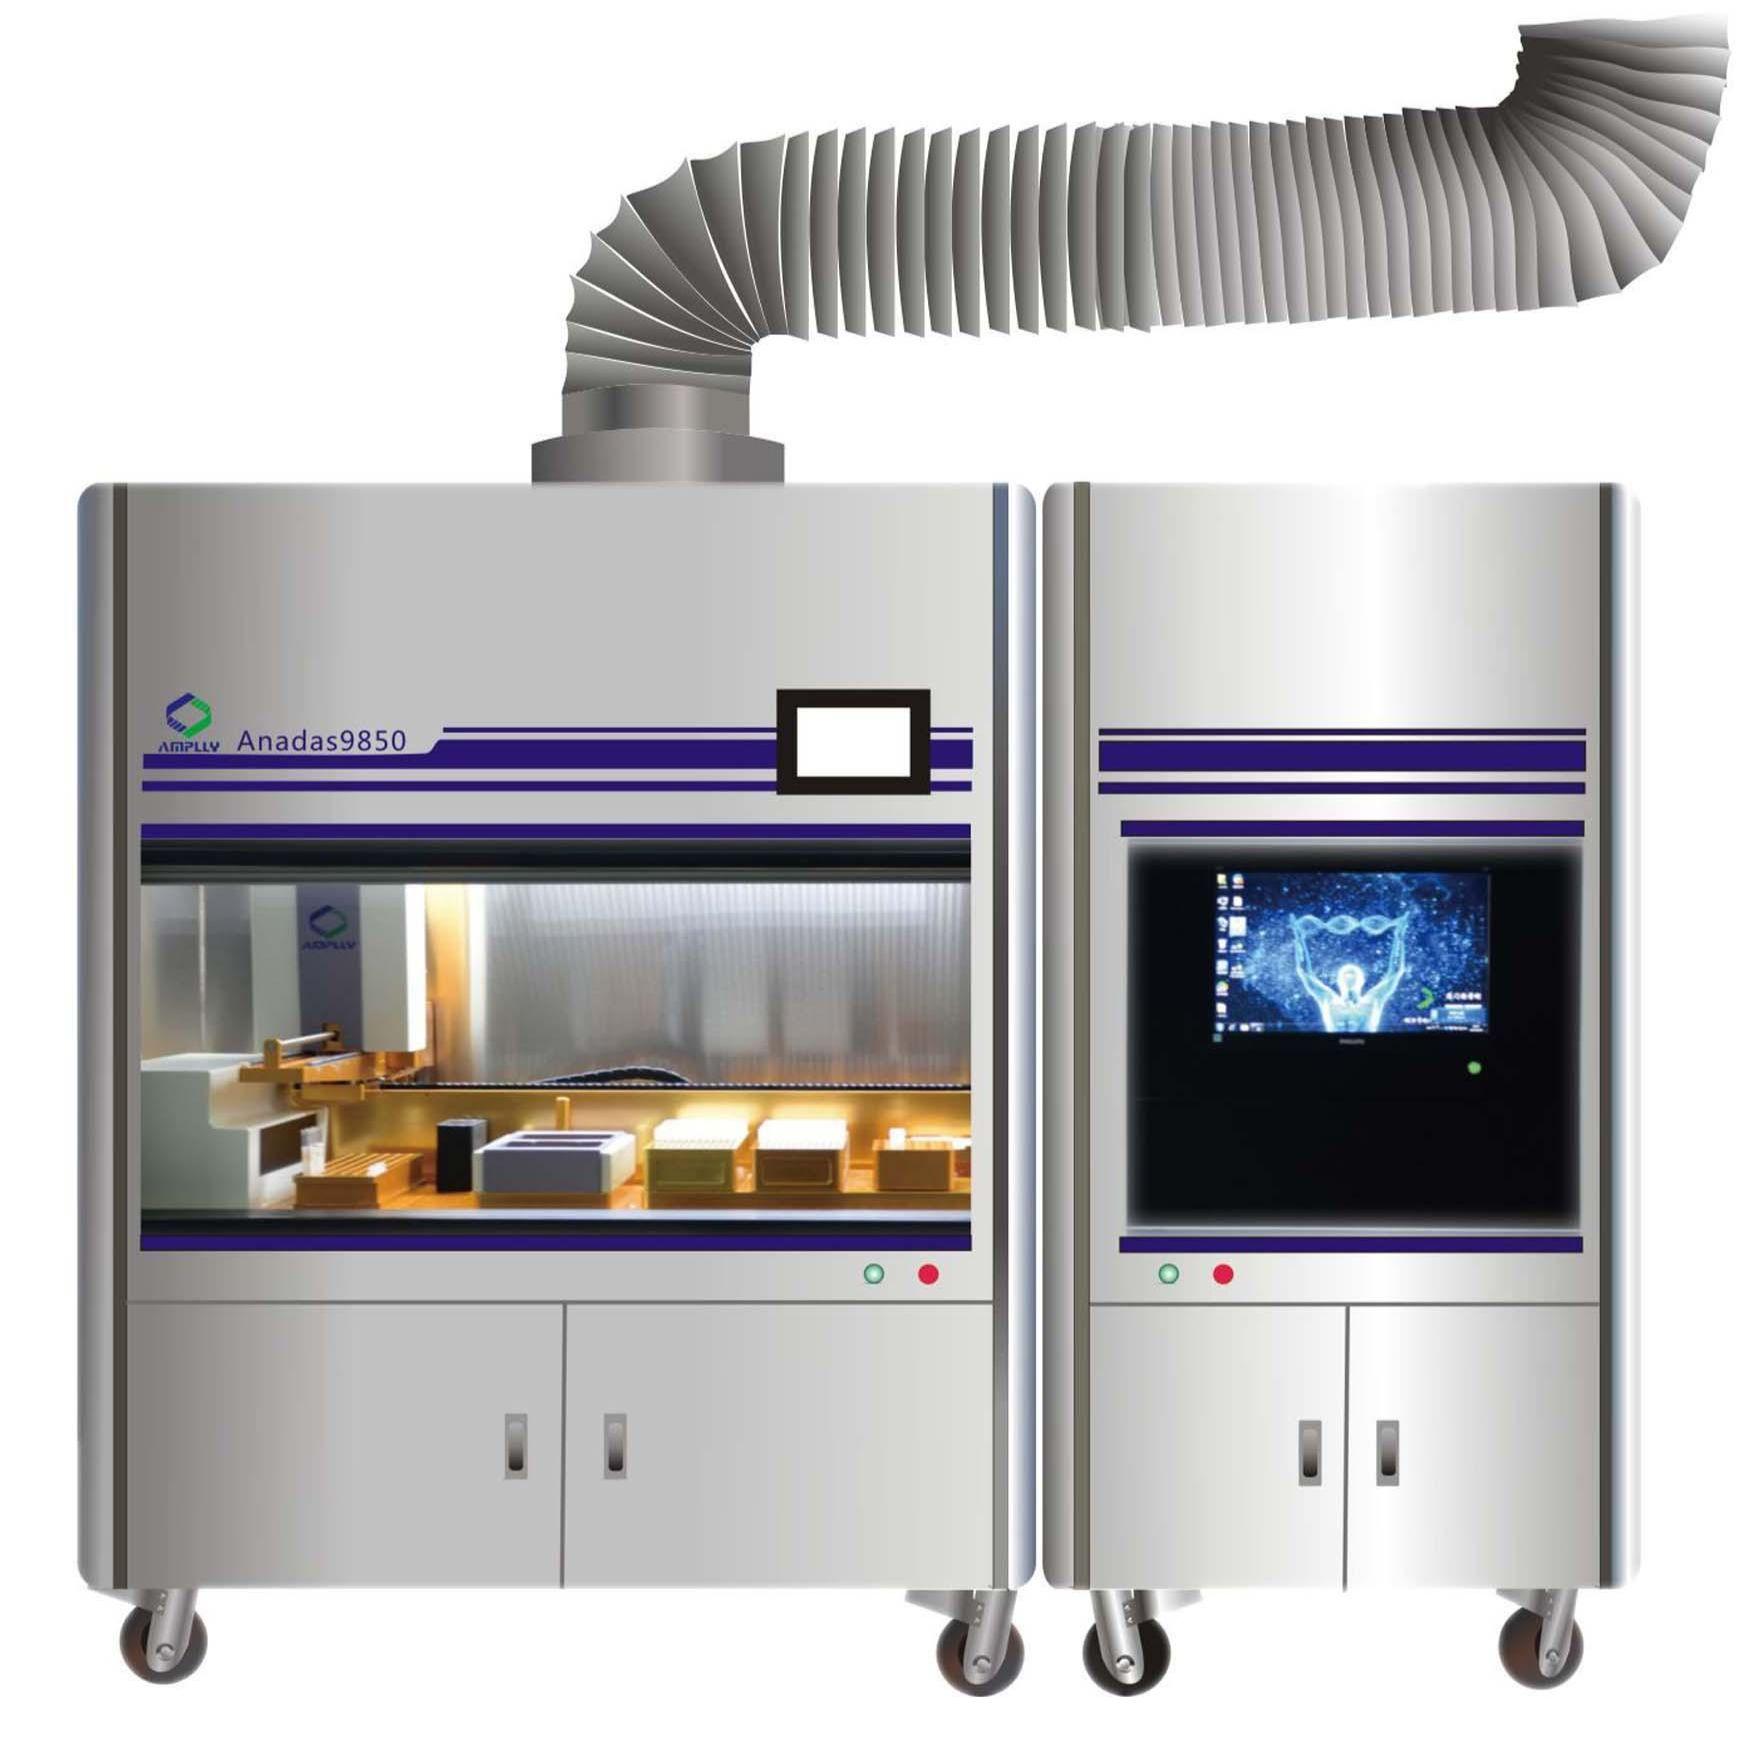 普迈 Amplly全自动核酸提纯及荧光PCR分析系统